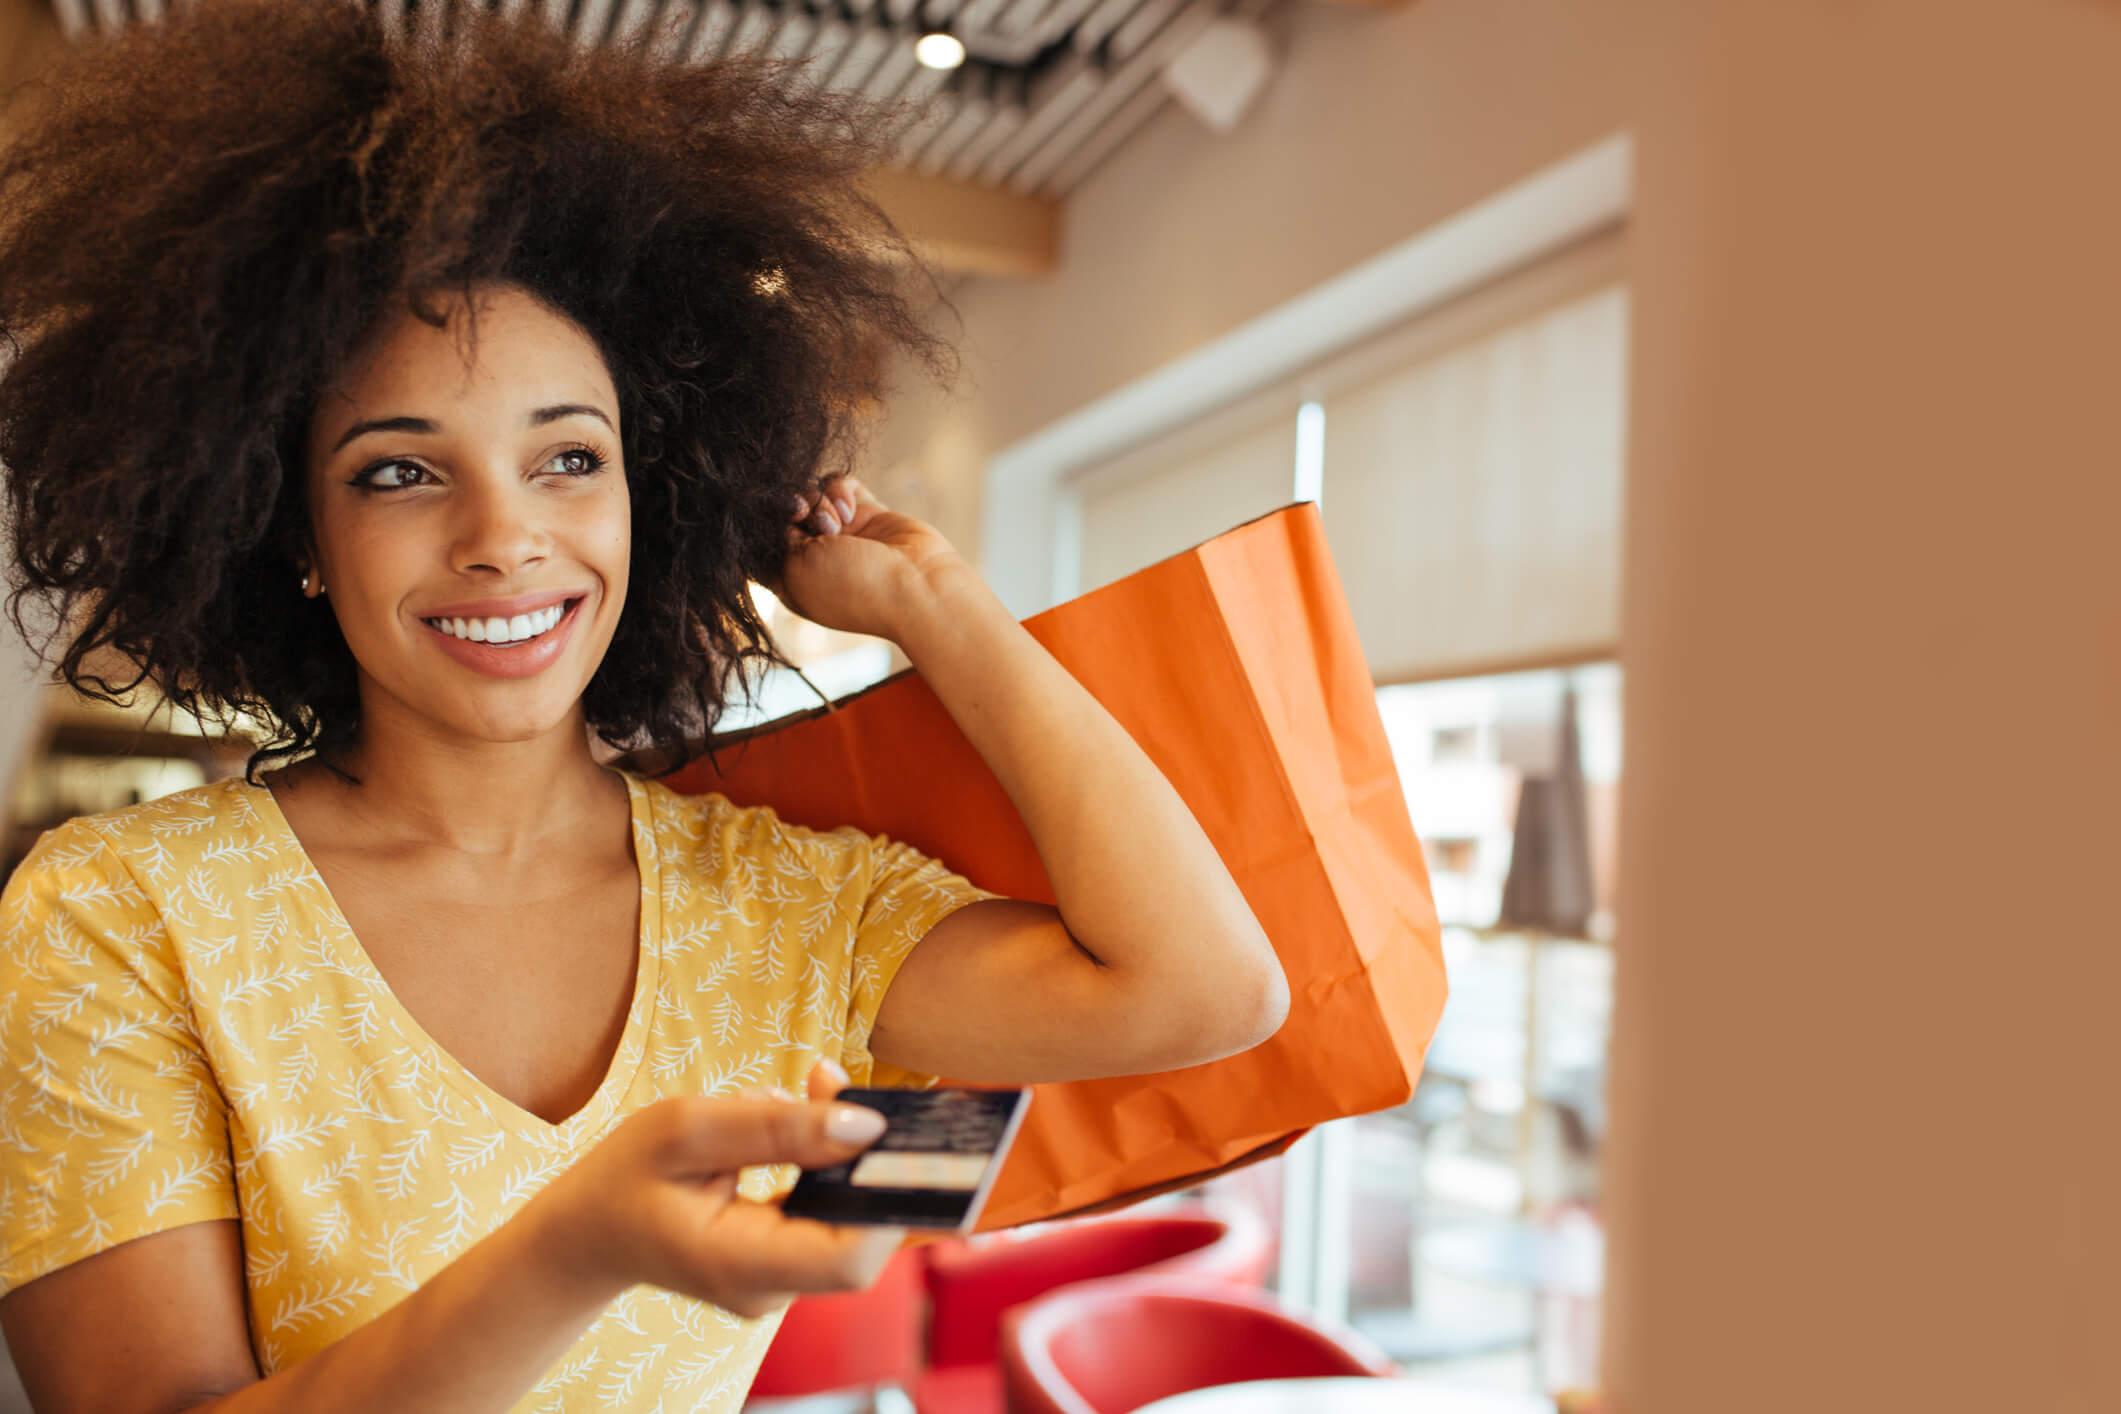 Marisa loja online: use cupons de desconto para comprar na internet